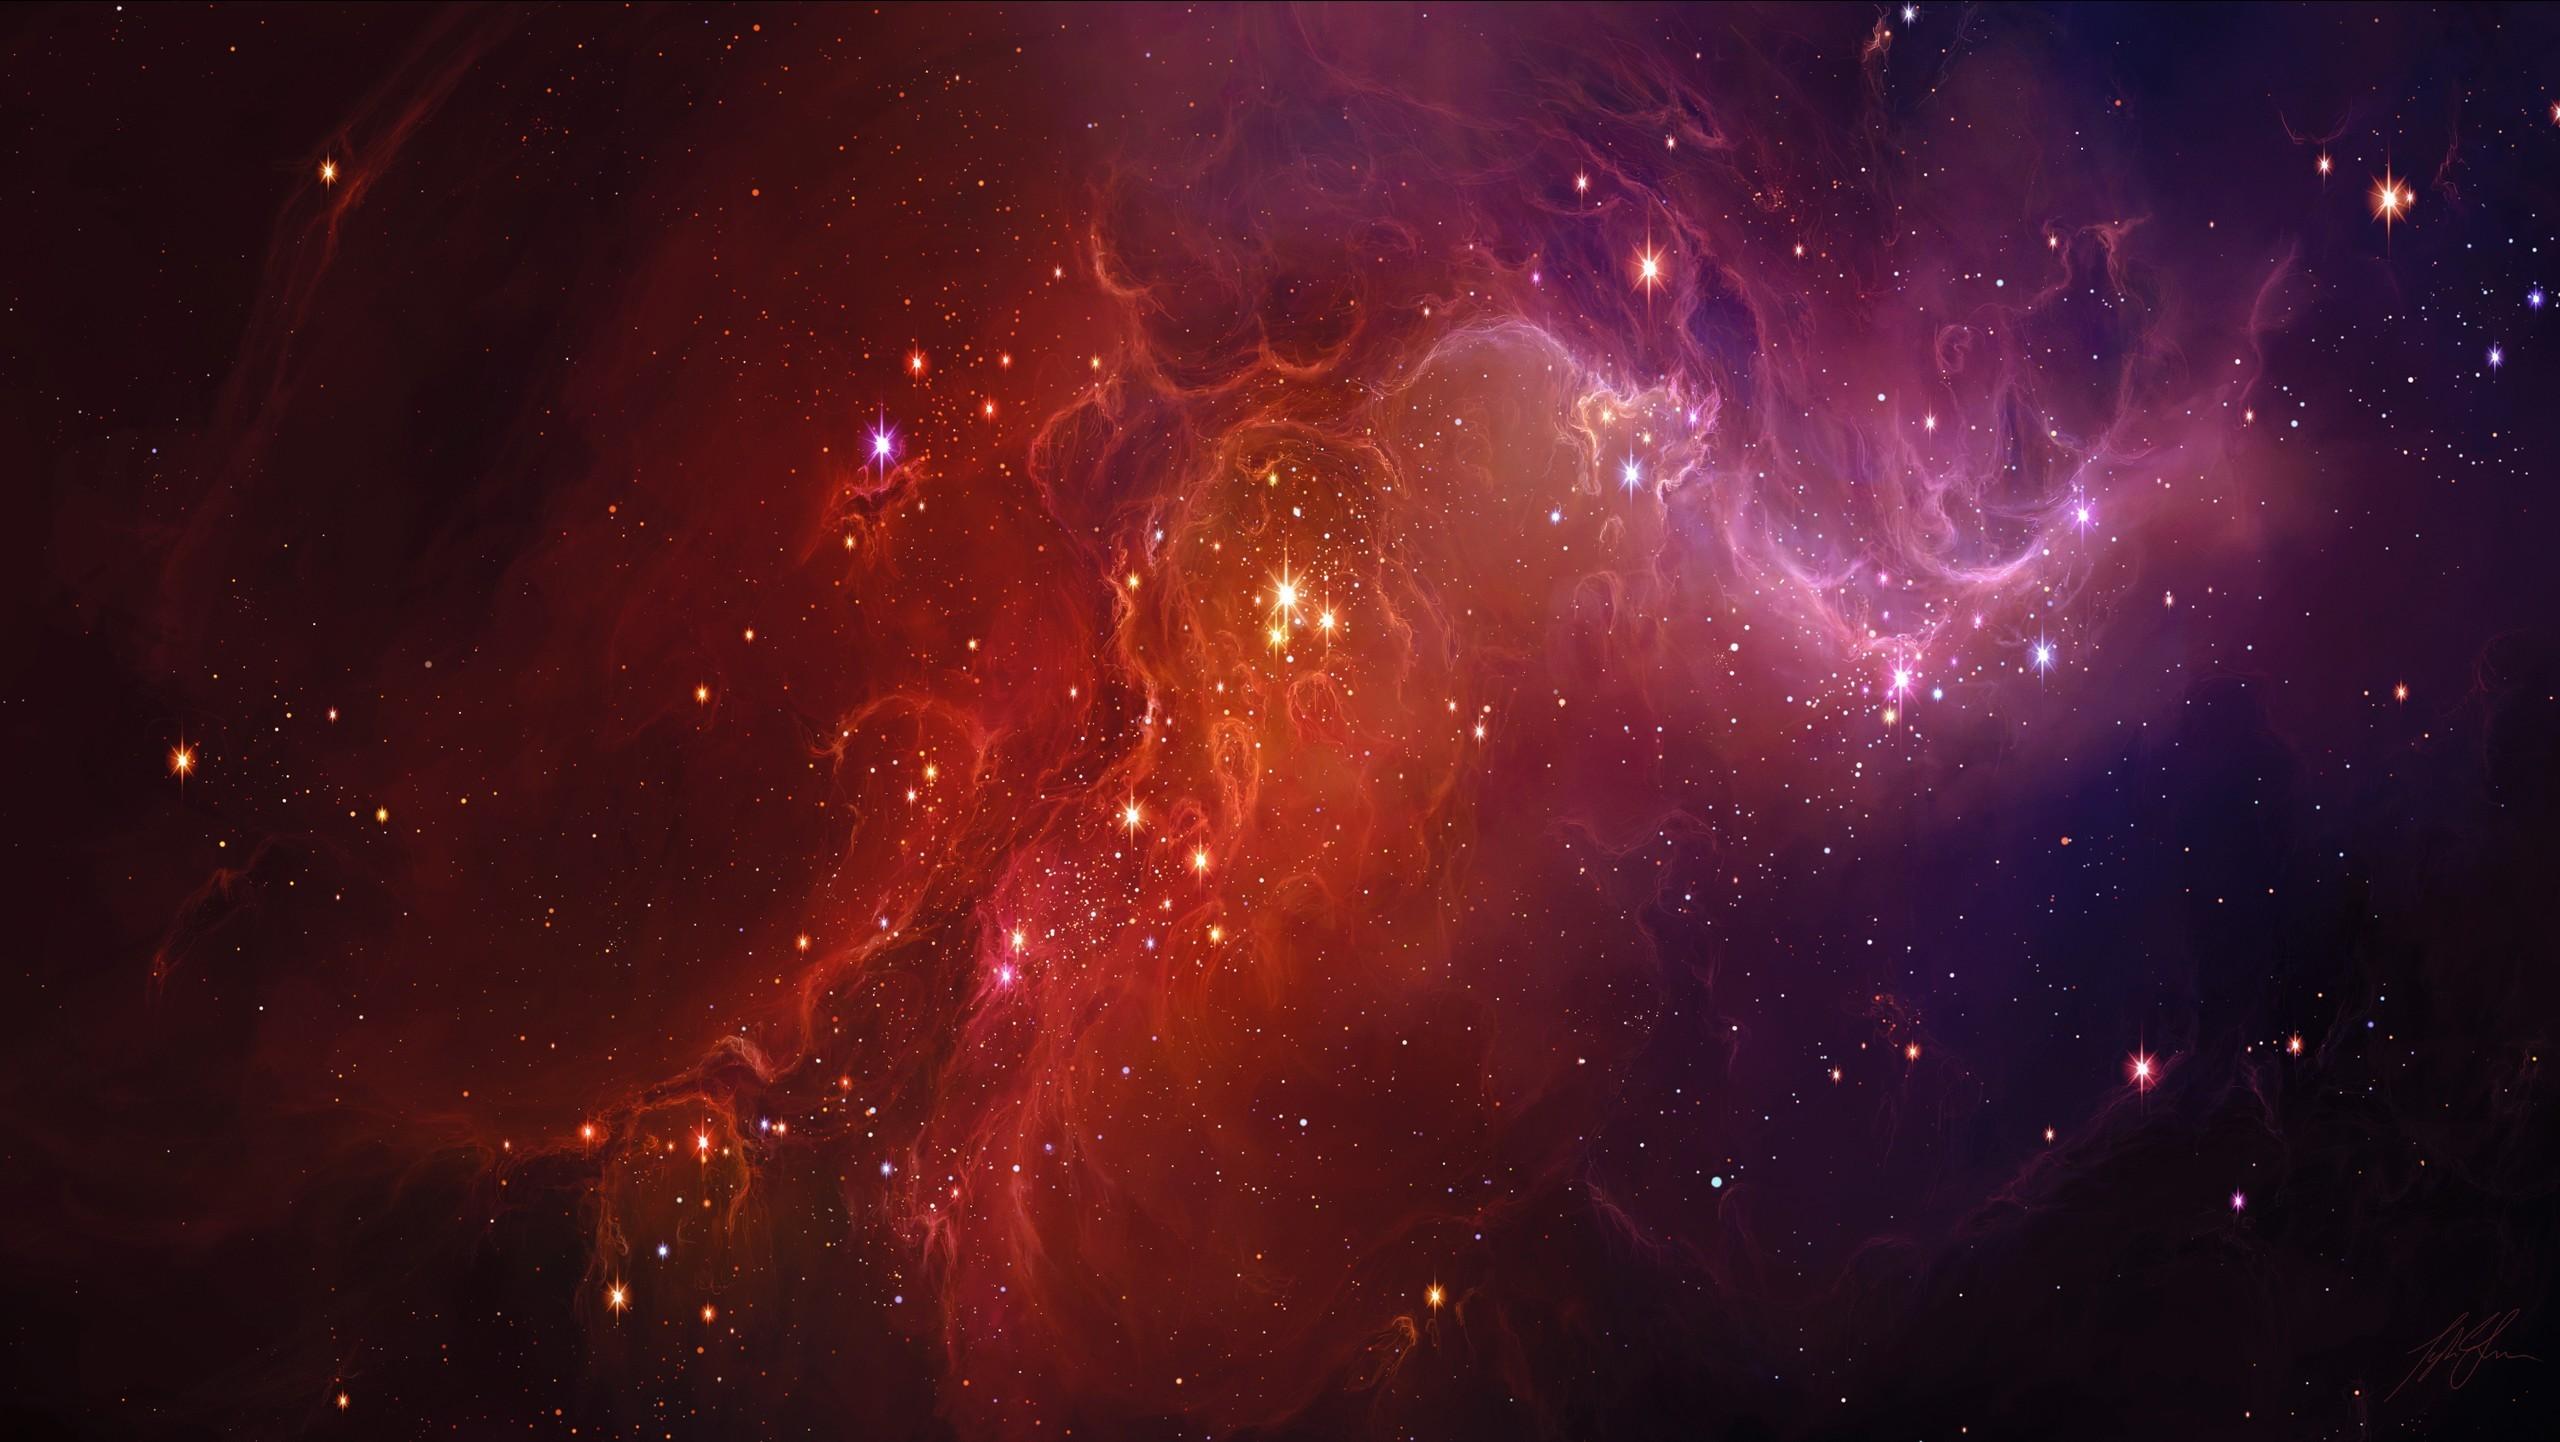 Обои Планета солнце туманность картинки на рабочий стол на тему Космос - скачать скачать